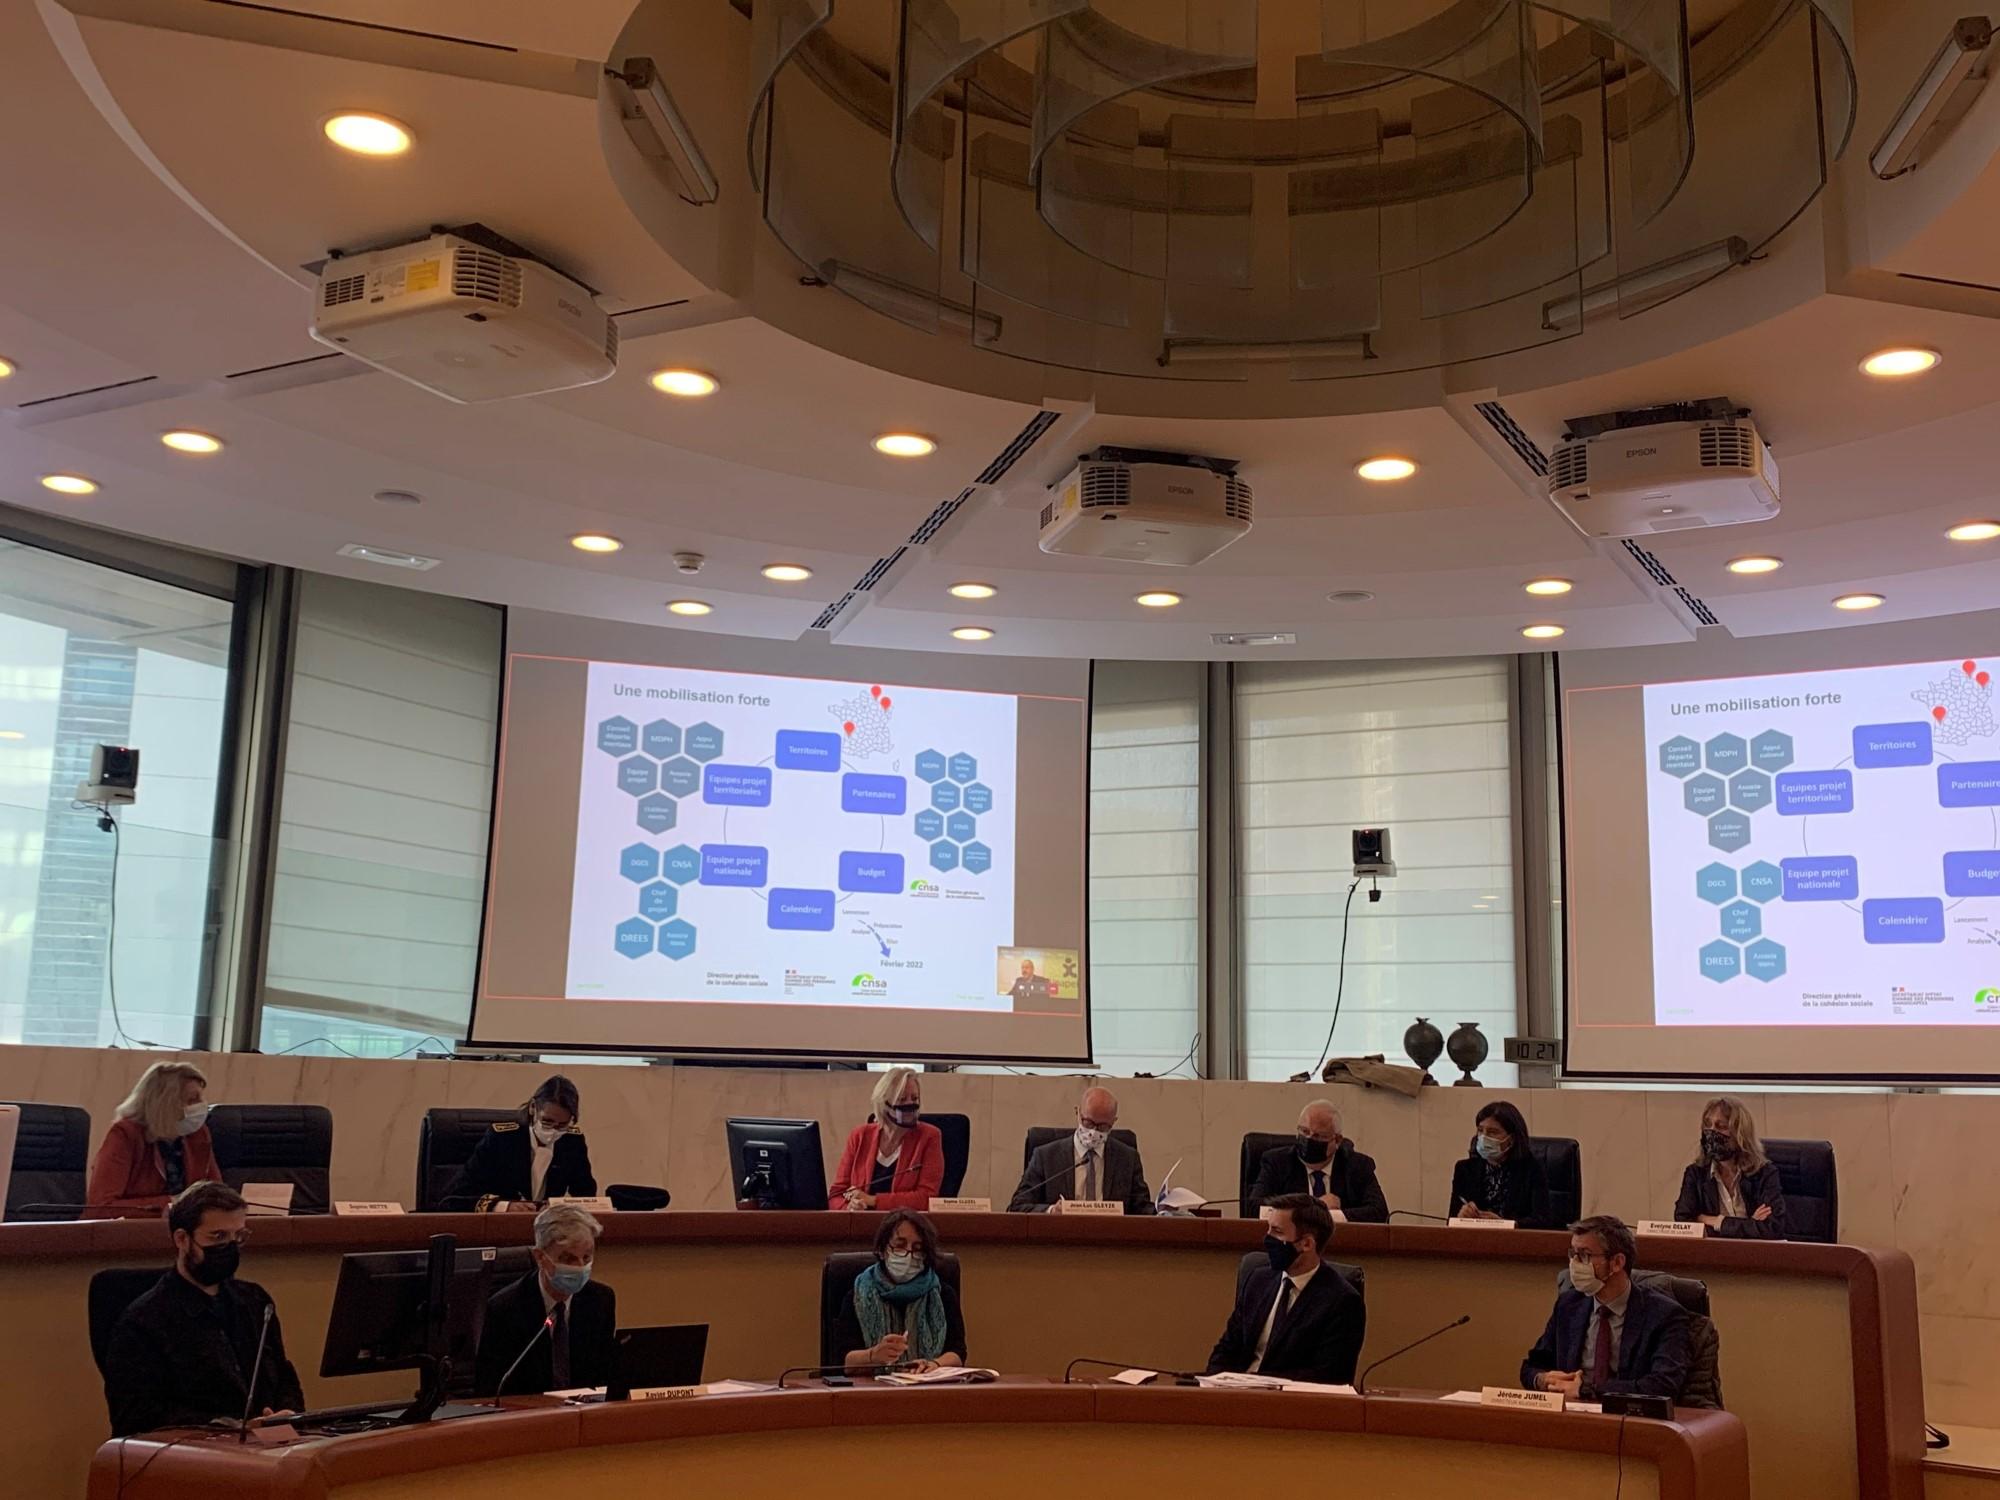 Rencontre avec la Secrétaire d'État Sophie Cluzel et des responsables d'associations en Gironde